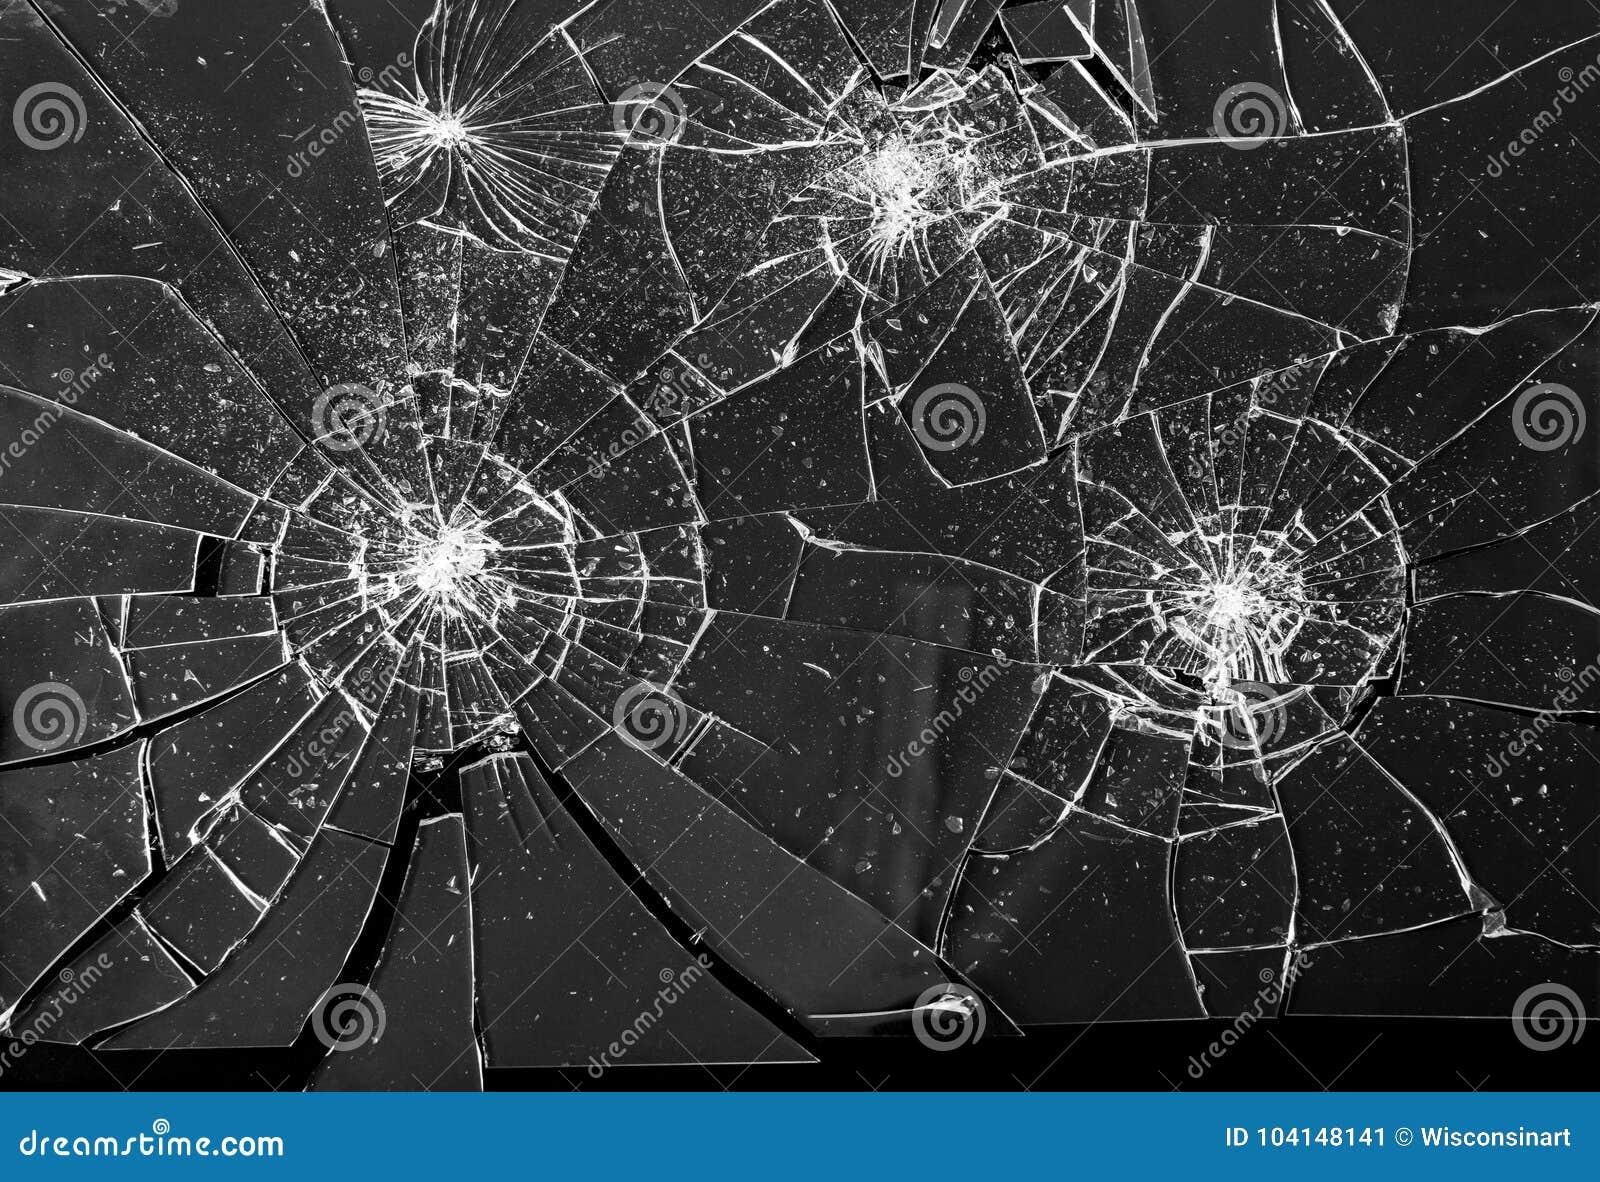 Broken Shattered Glass Shards Background